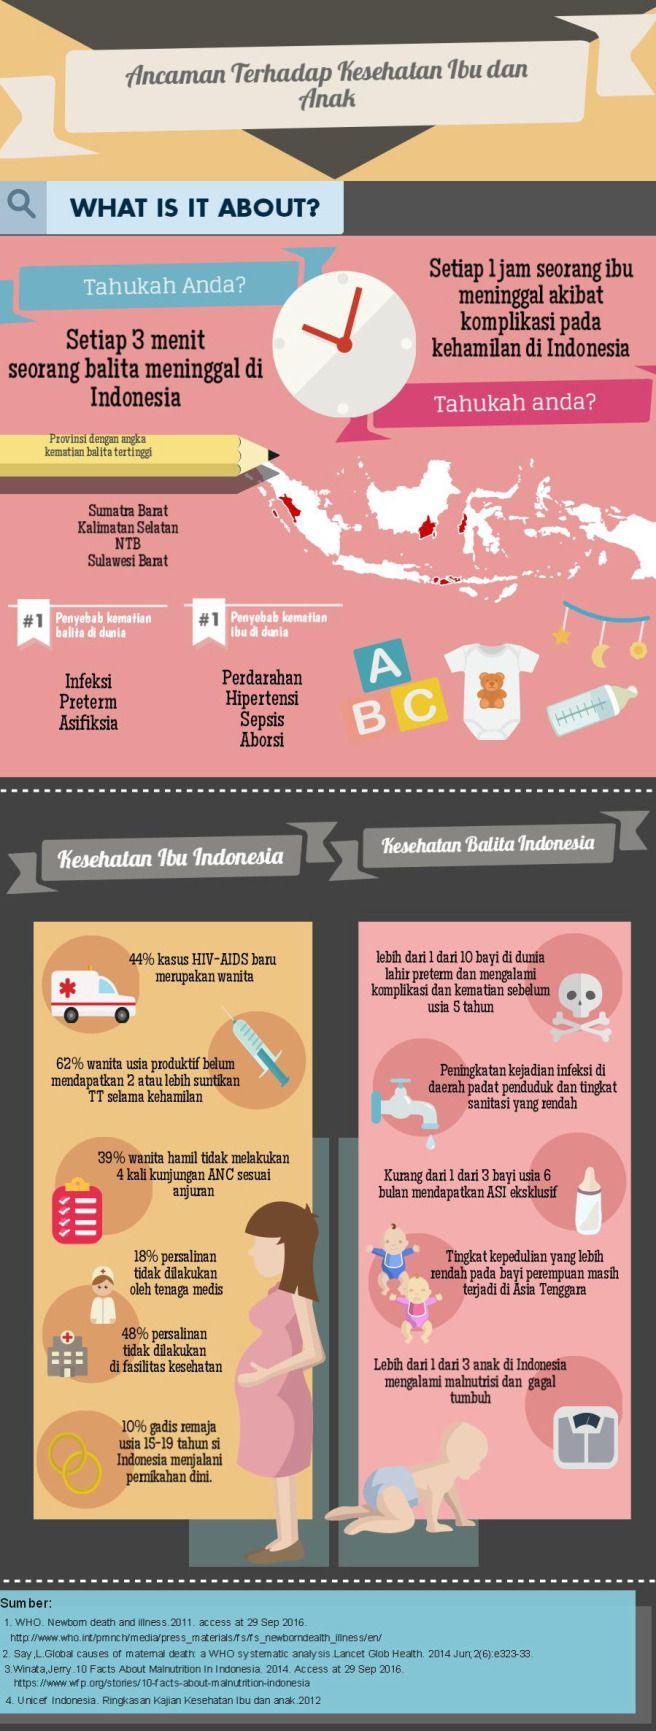 Kesehatan Ibu dan Anak merupakan prediktor utama tingkat kesehatan sebuah bangsa. Indonesia hingga saat ini masih memiliki tingkat kesejahteraan ibu dan anak yang cukup rendah diandingkan negara-negara tetangga kita lainnya di Asia Tenggara. Diharapkan peran tenaga medis, ponek dan posyandu dapat membantu mengurangi angka kematian dan kesakitan pada ibu hamil dan anak-anak. Bianca Jeanne